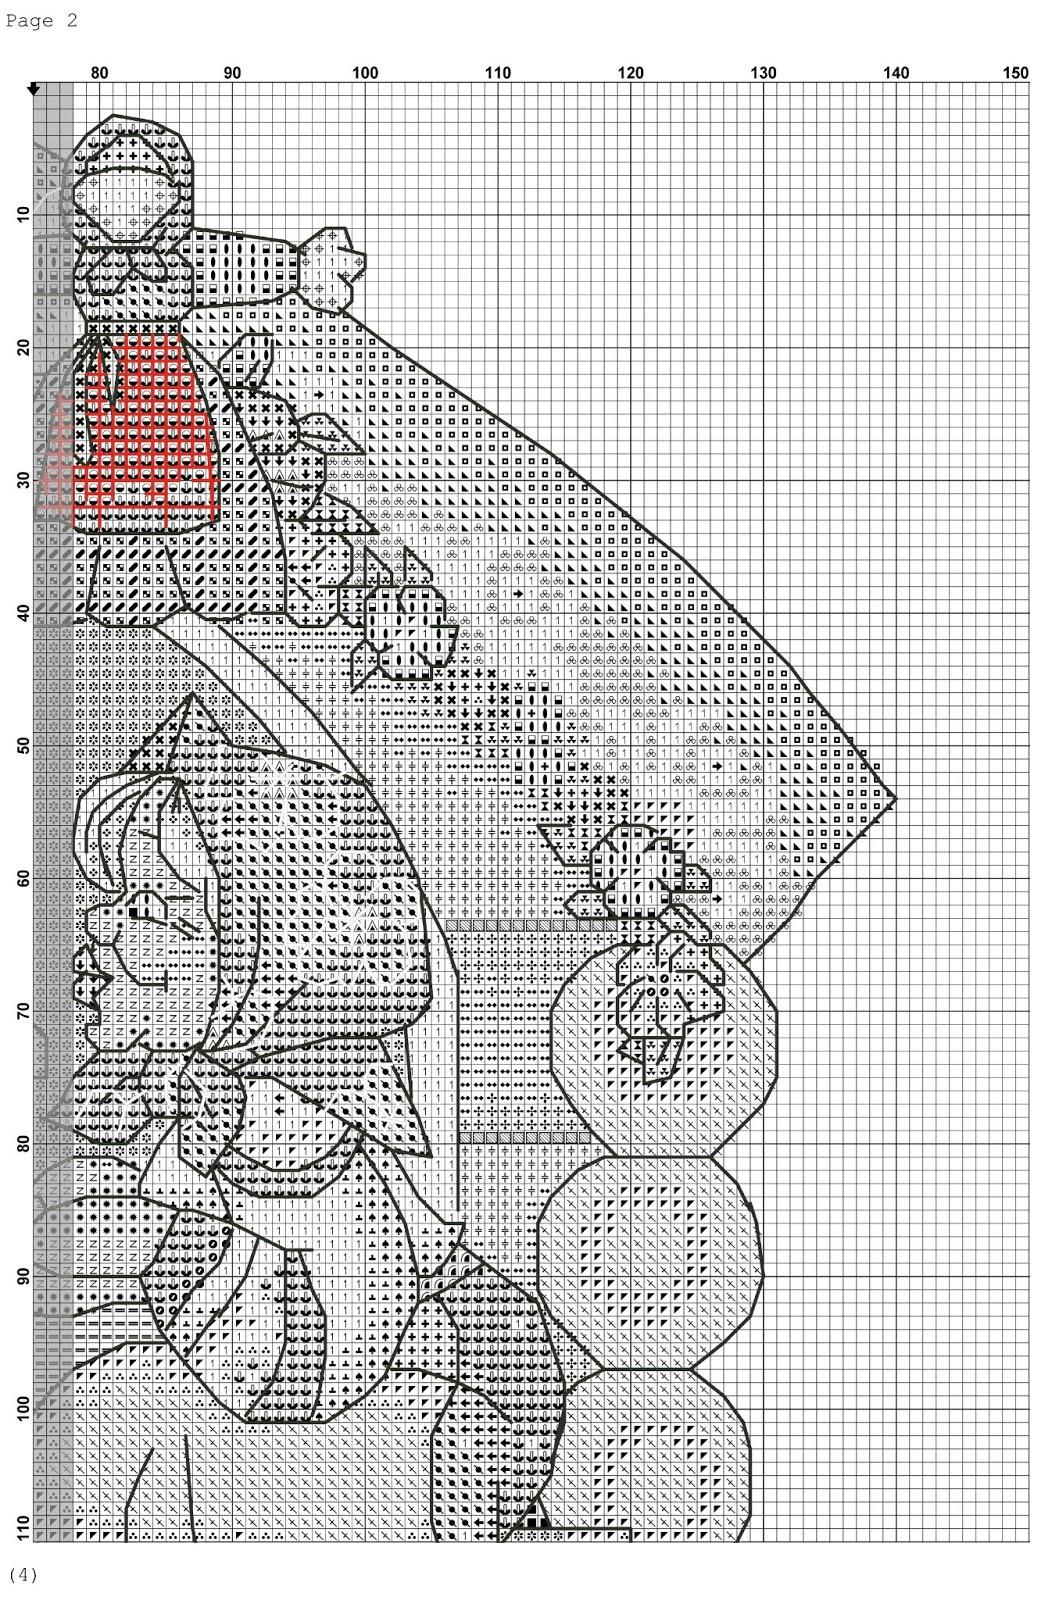 Поделки талисманы домовята, домовушки, ведьмочки. - Pinterest 94